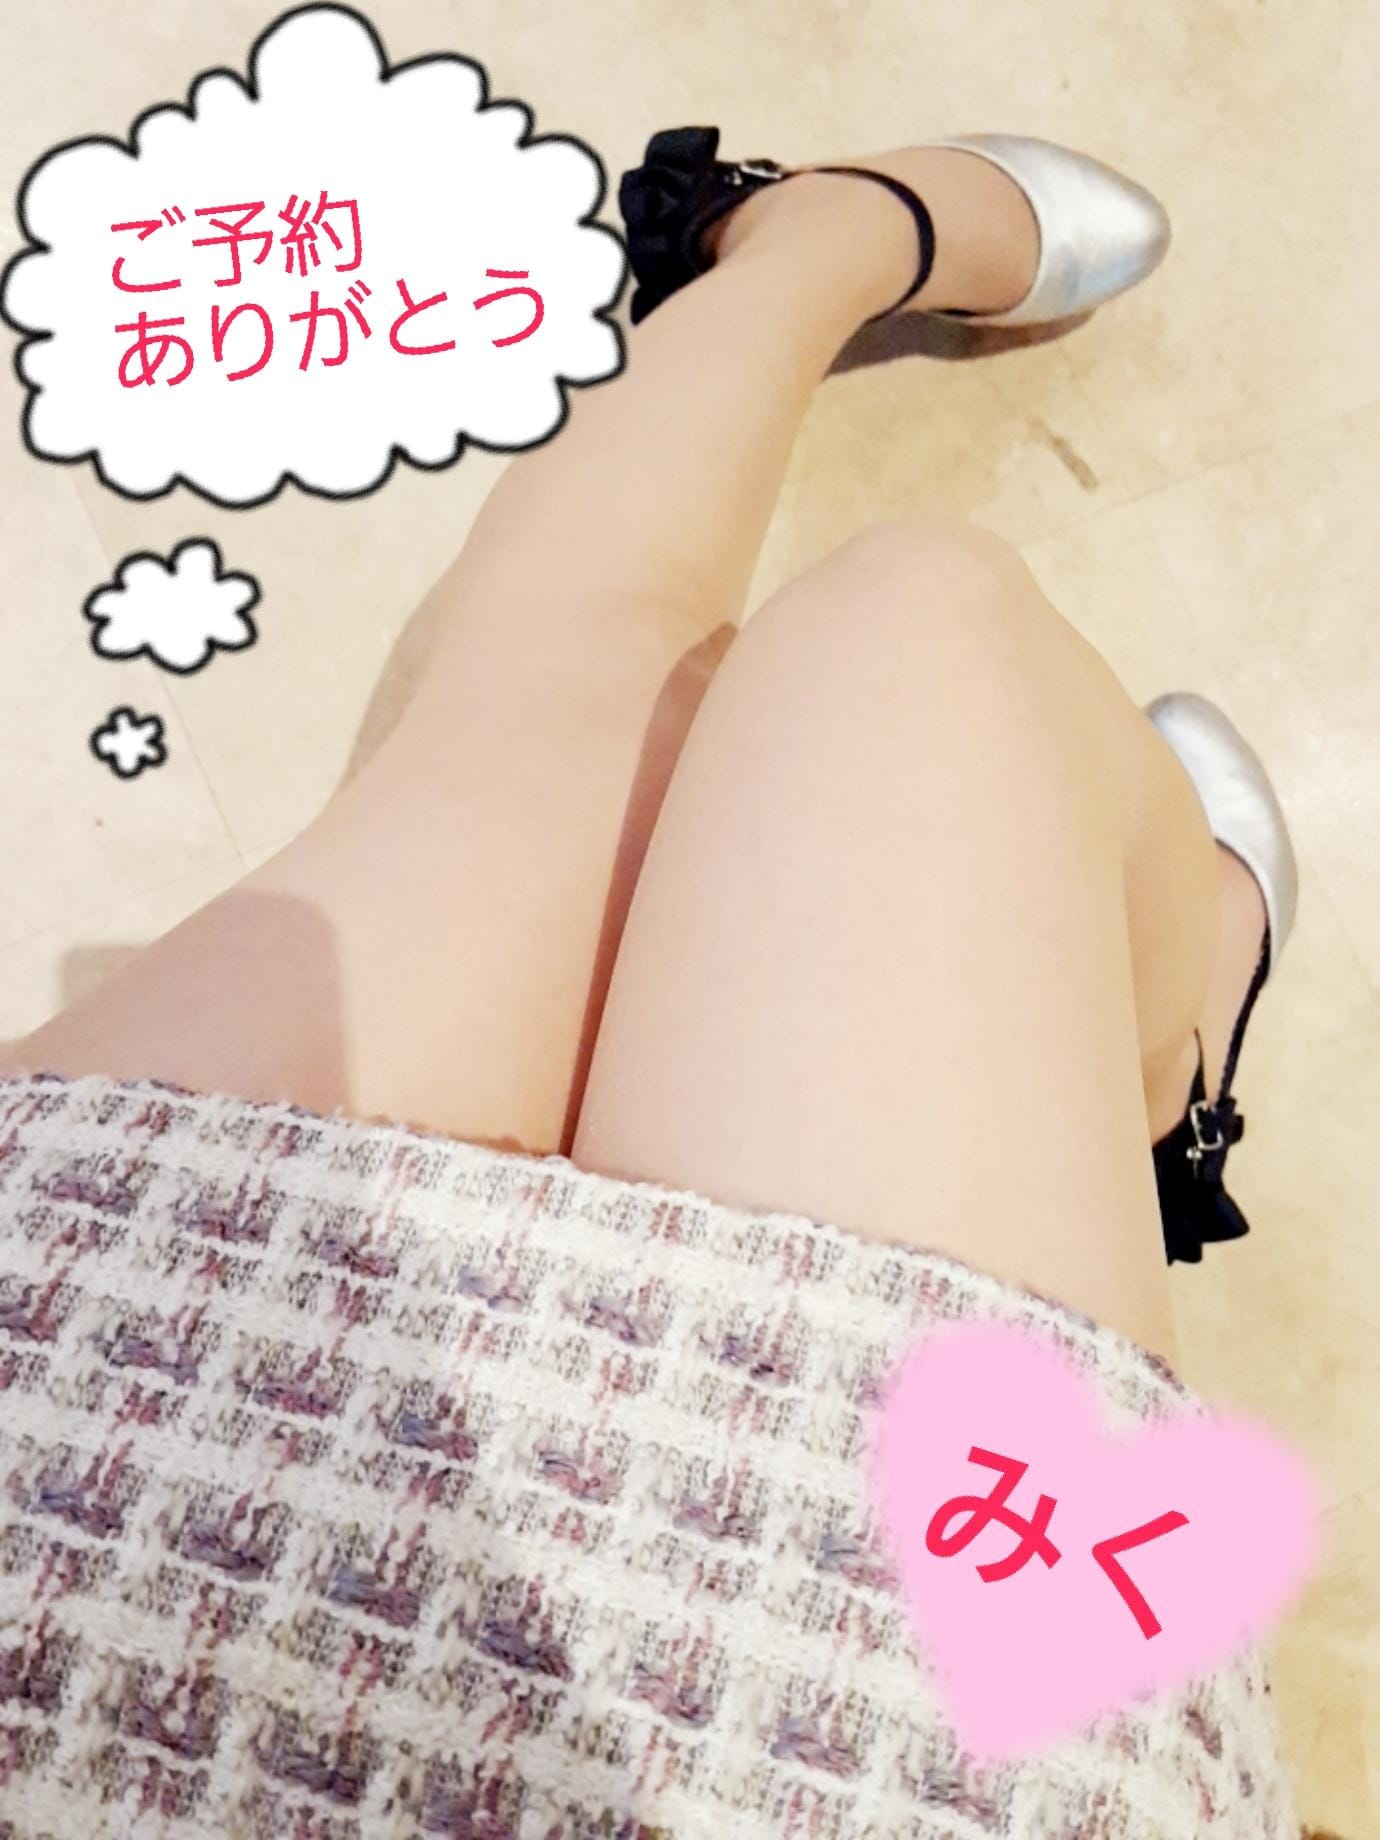 森高 みく「20日ご予約のお兄様♪♪」12/15(土) 15:20   森高 みくの写メ・風俗動画